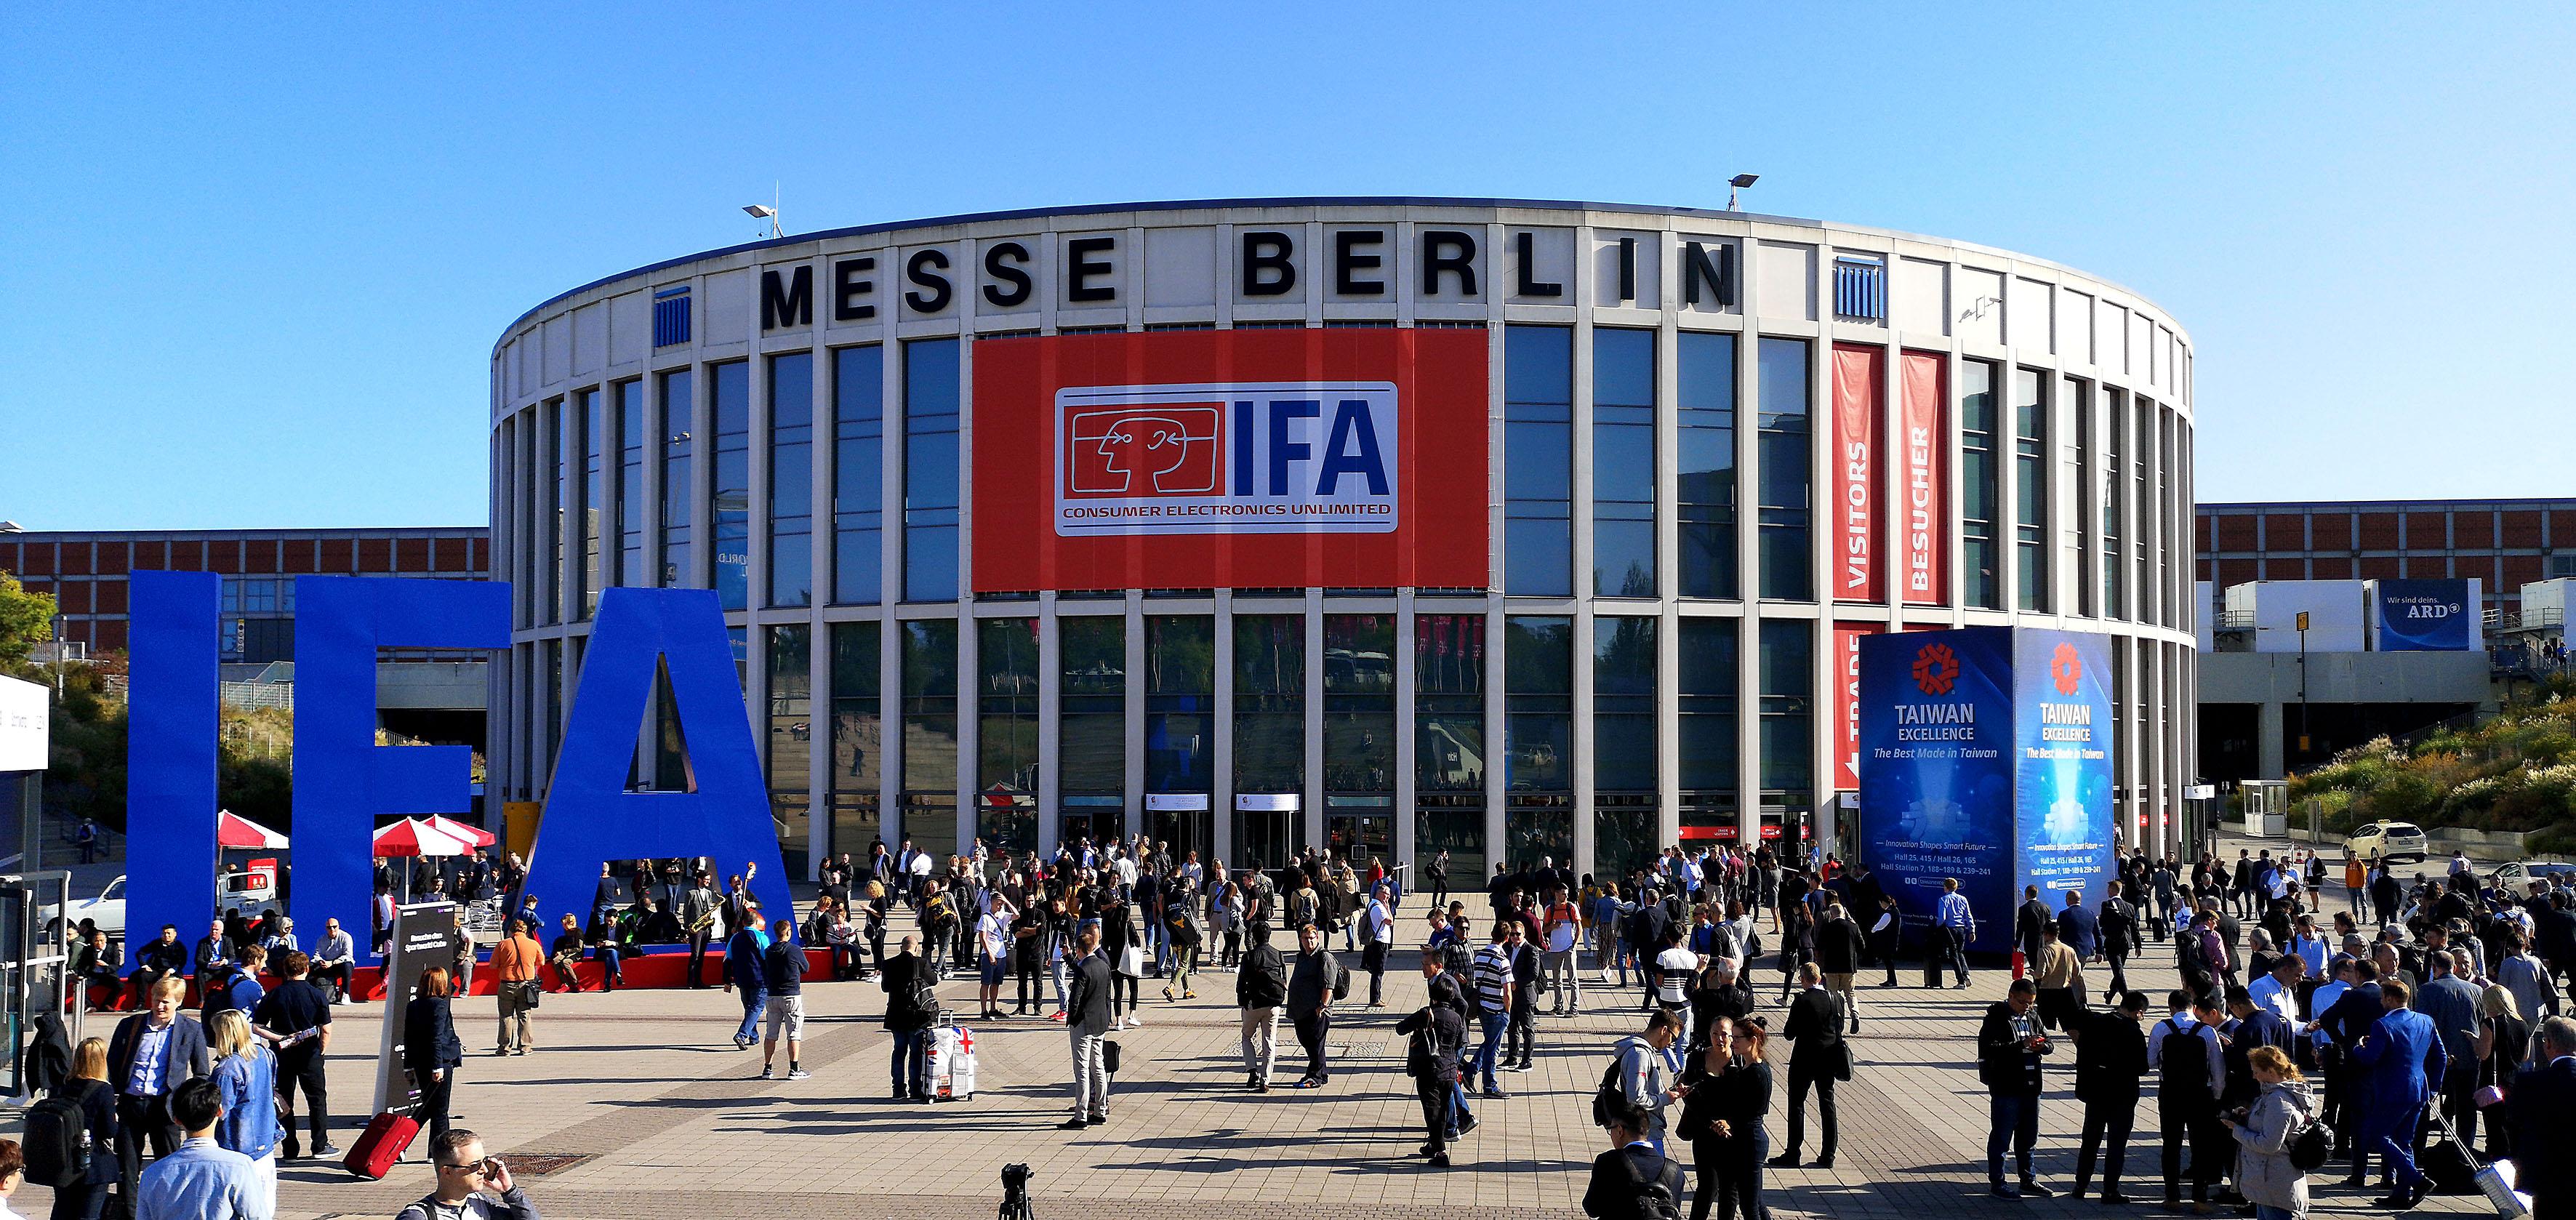 Foto: Michael B. Rehders - Berlin, kurz vor 10 Uhr. Großer Ansturm auf die IFA 2019.